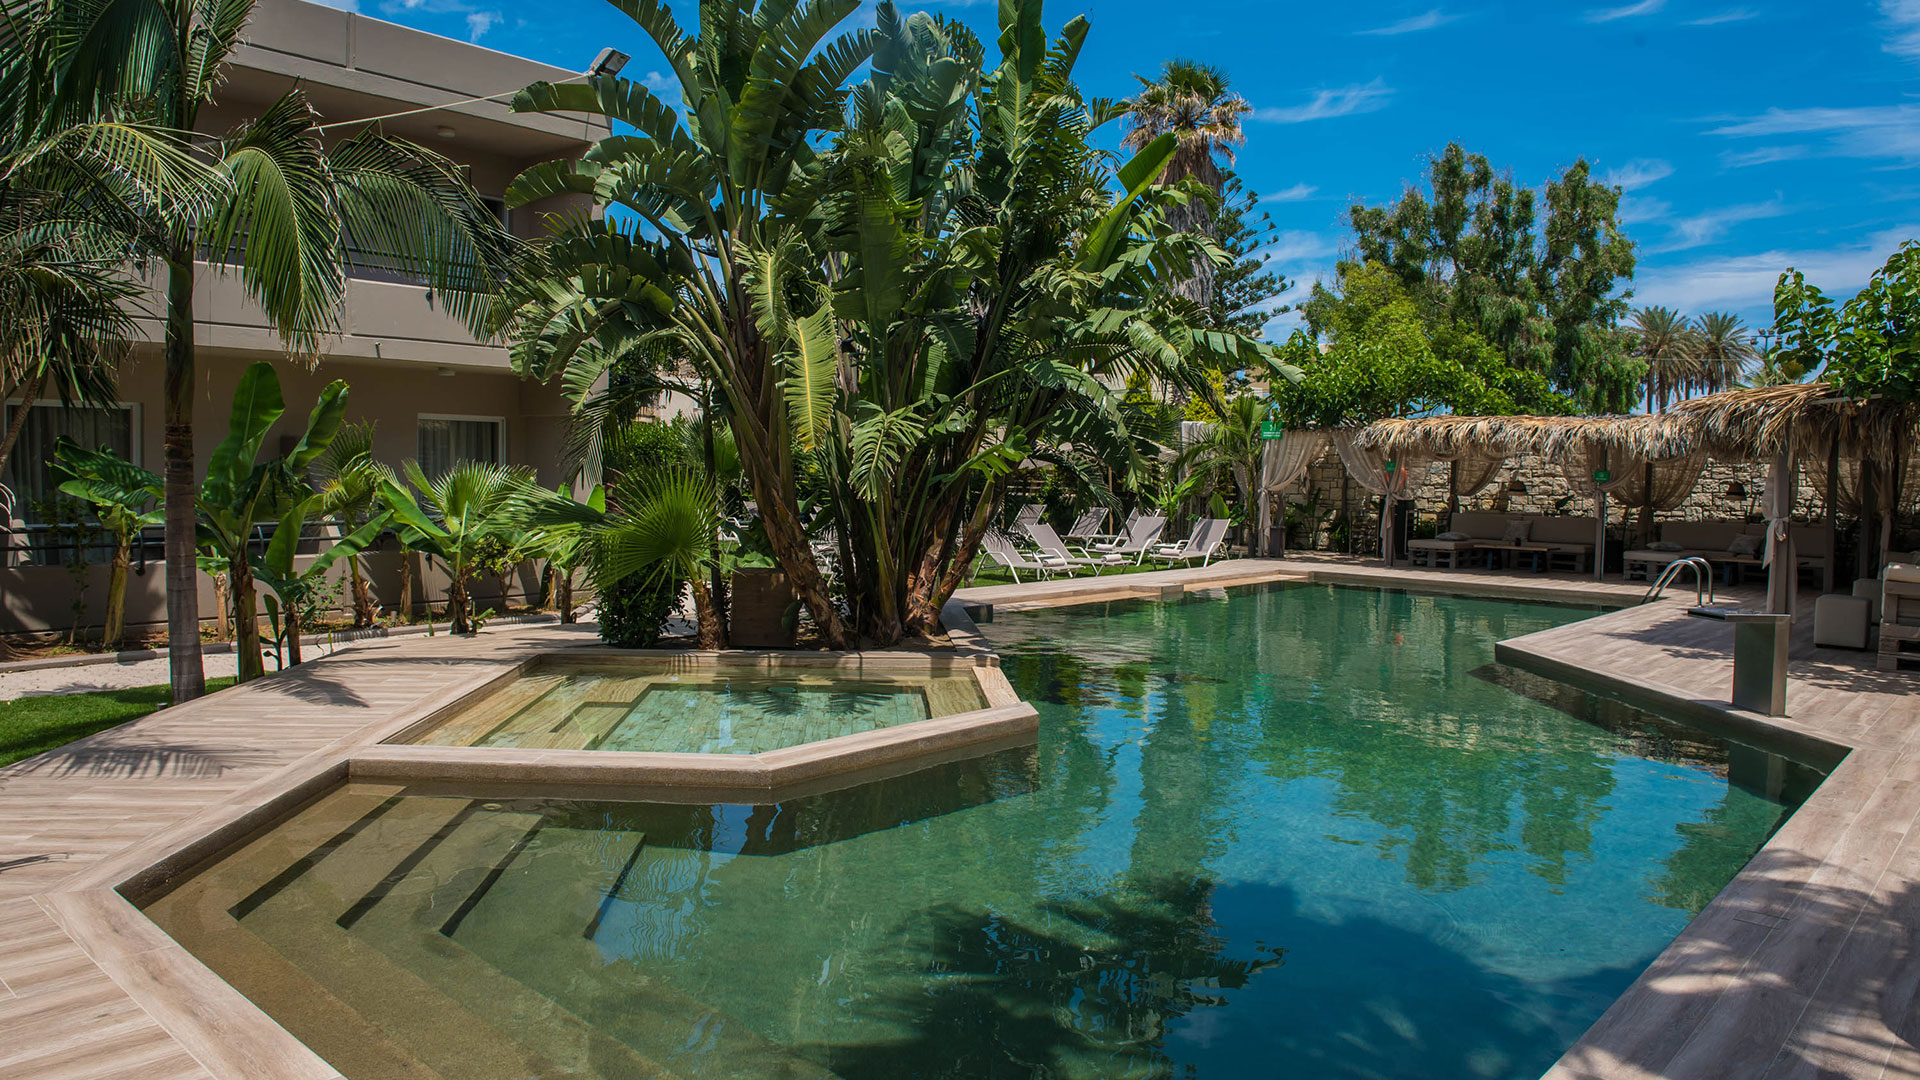 Τρίκλινο με θέα πισίνα κήπο